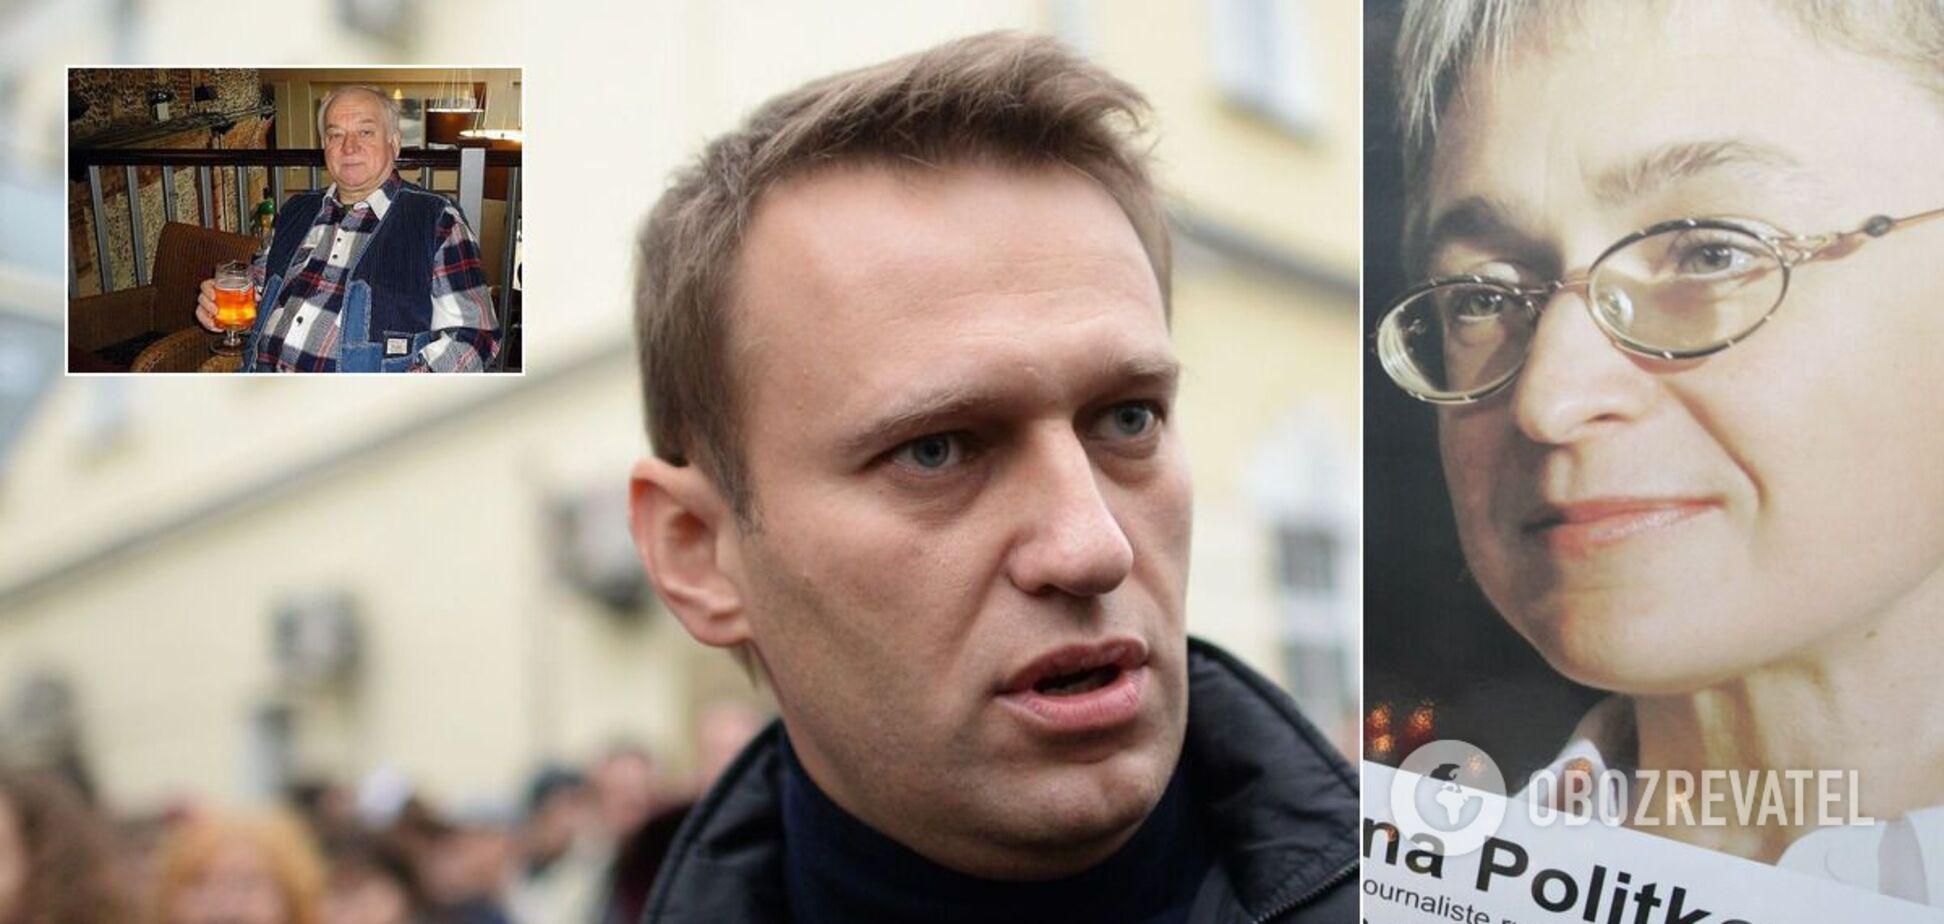 Названы самые громкие отравления критиков российской власти за 20 лет